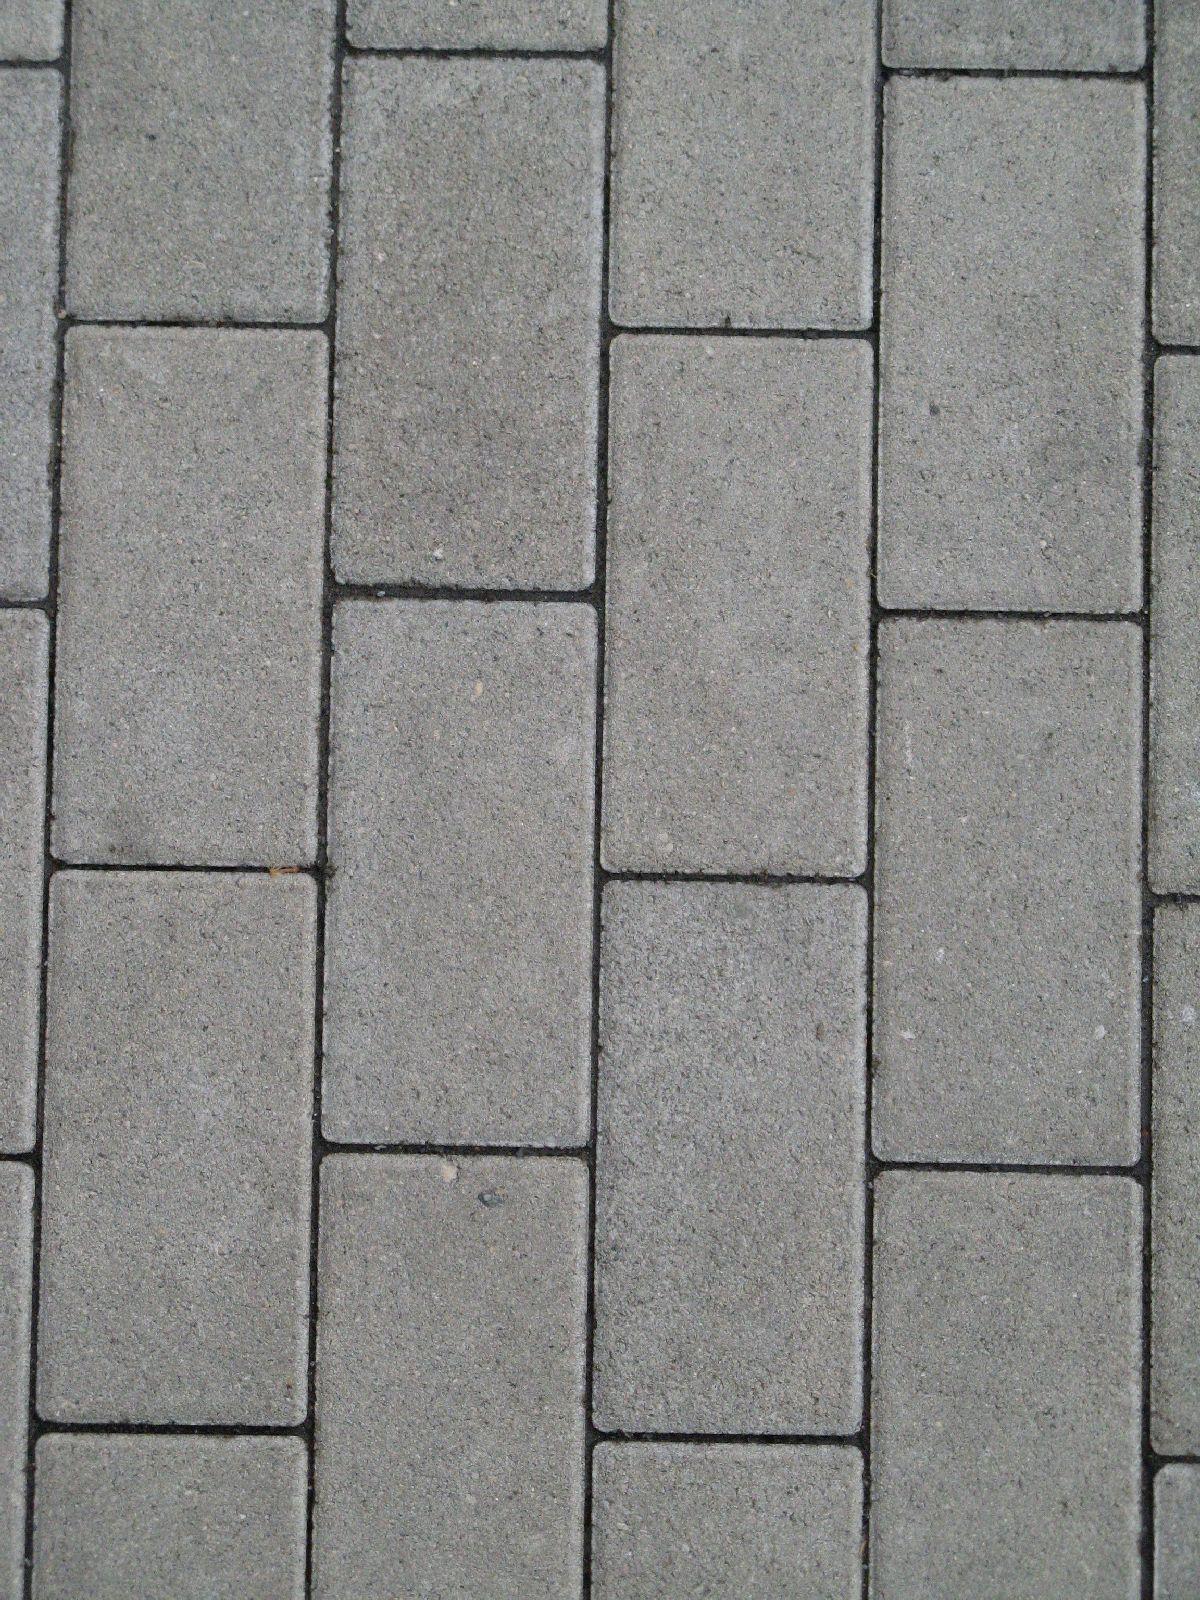 Ground-Urban_Texture_B_04365